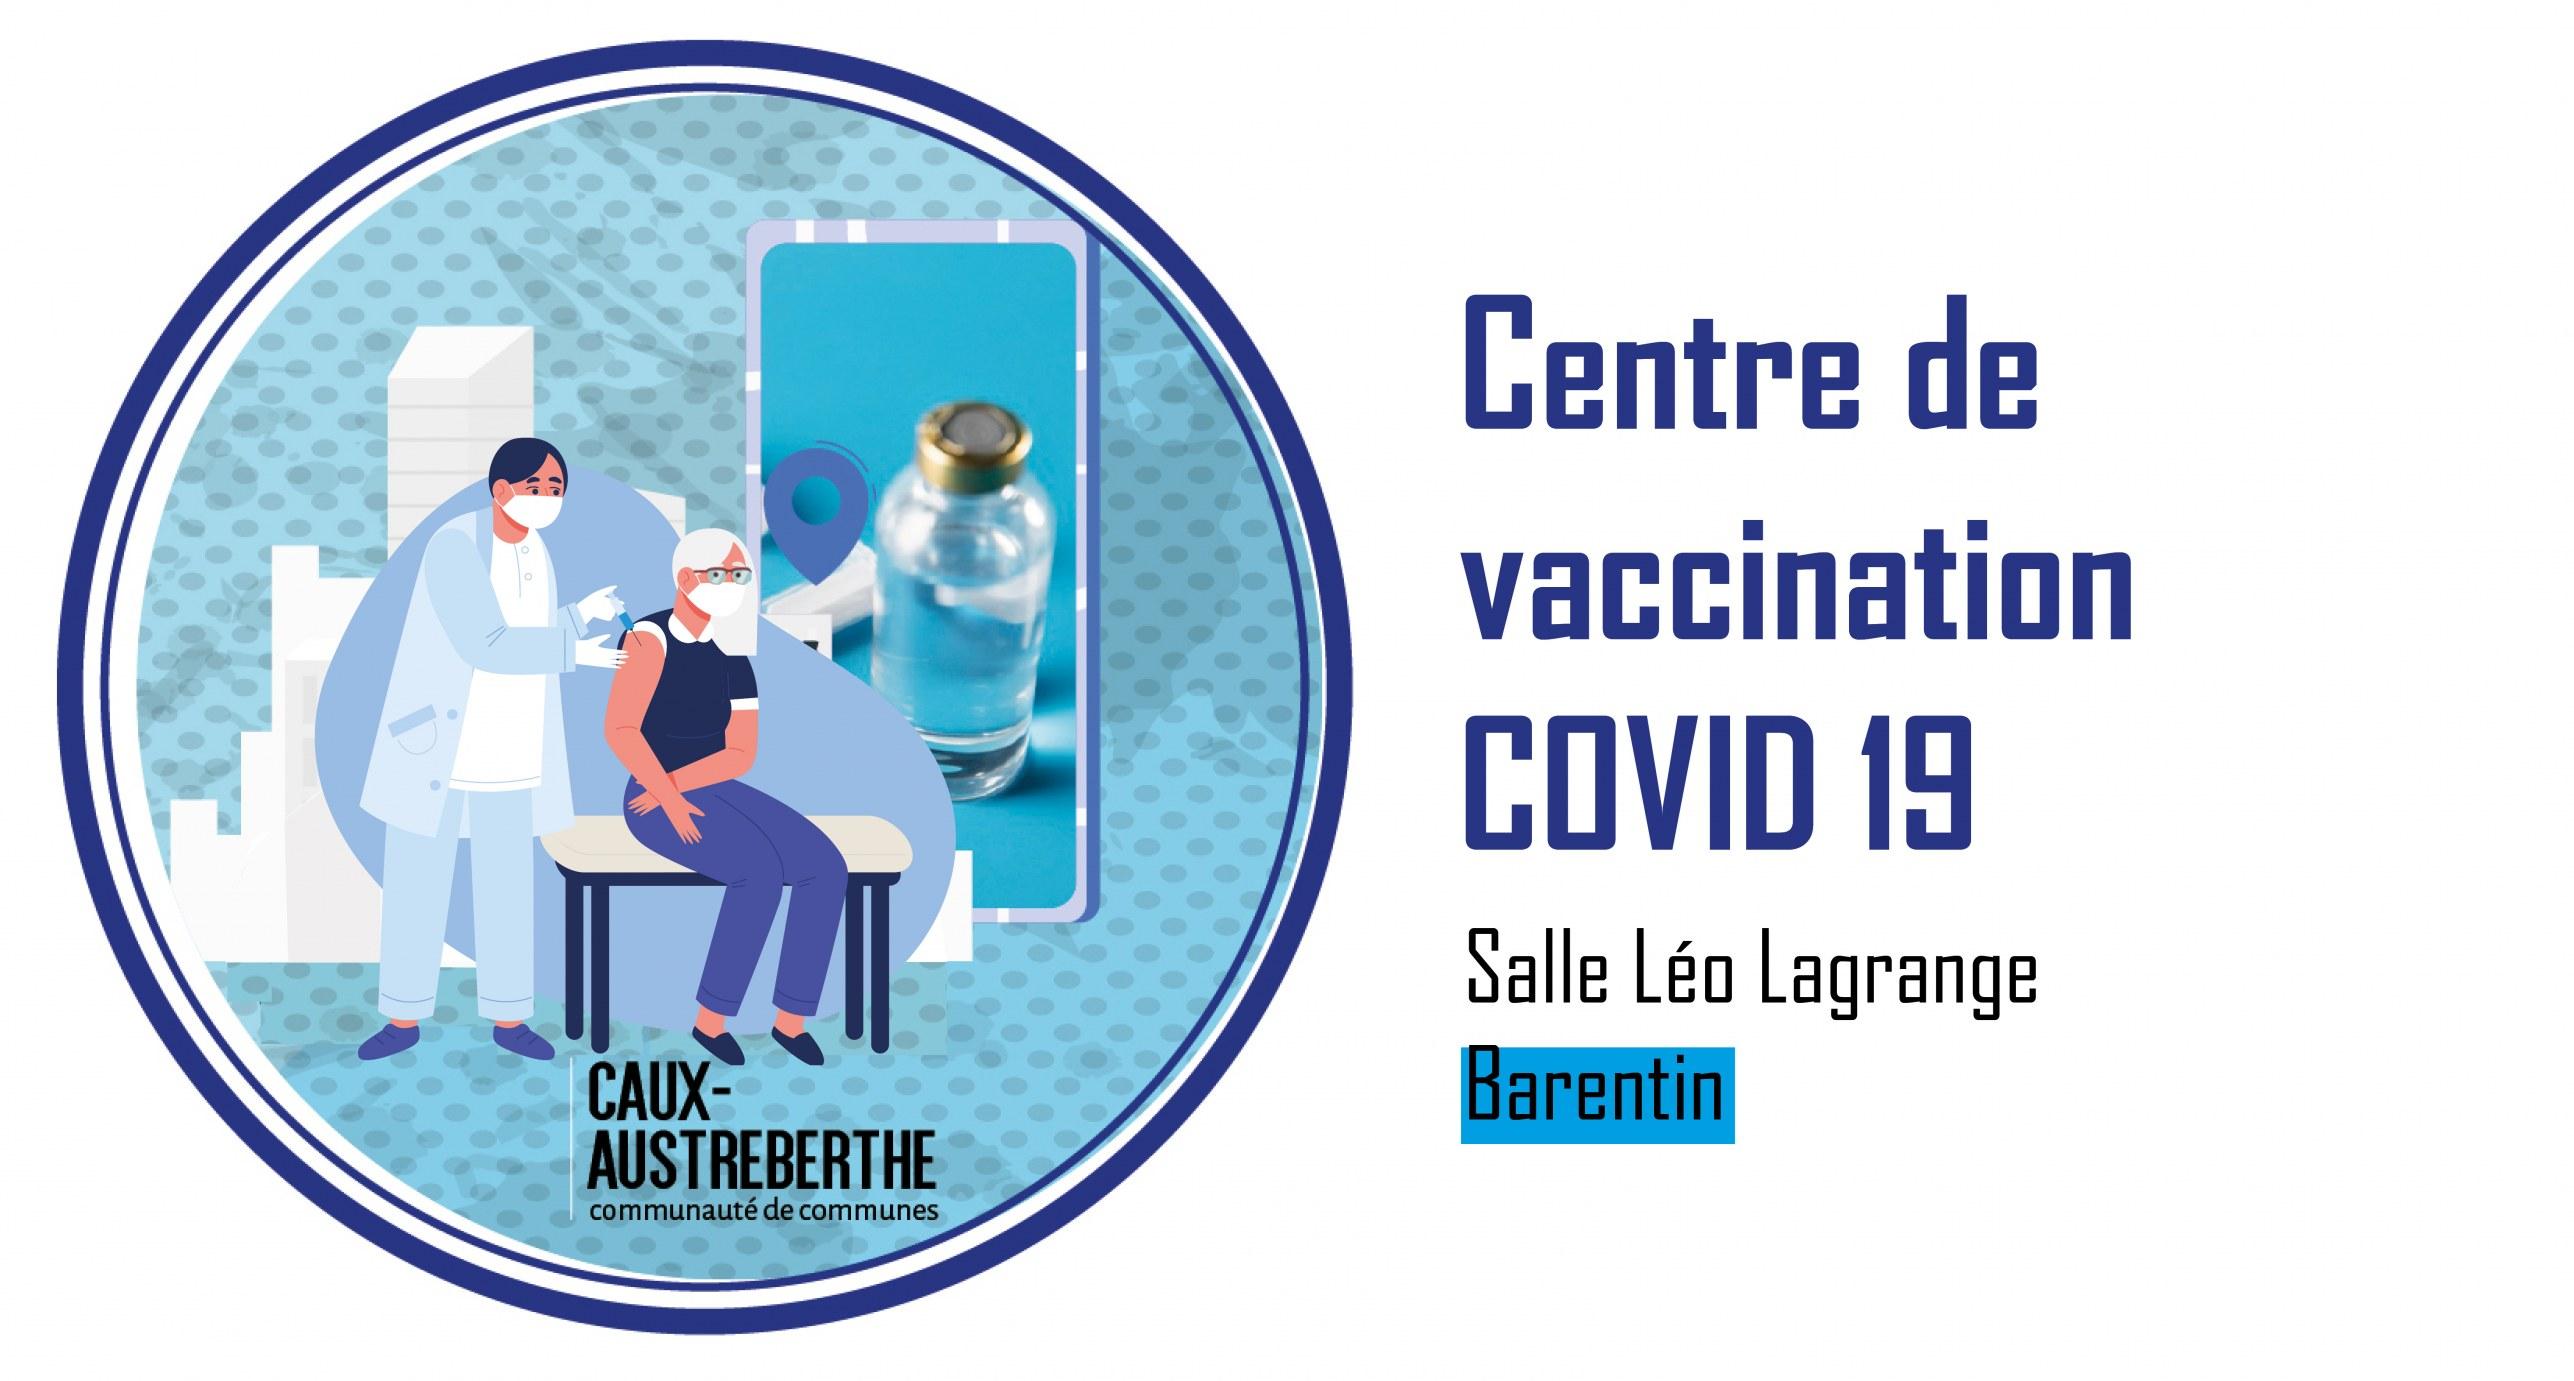 Logo vaccination-covid 19